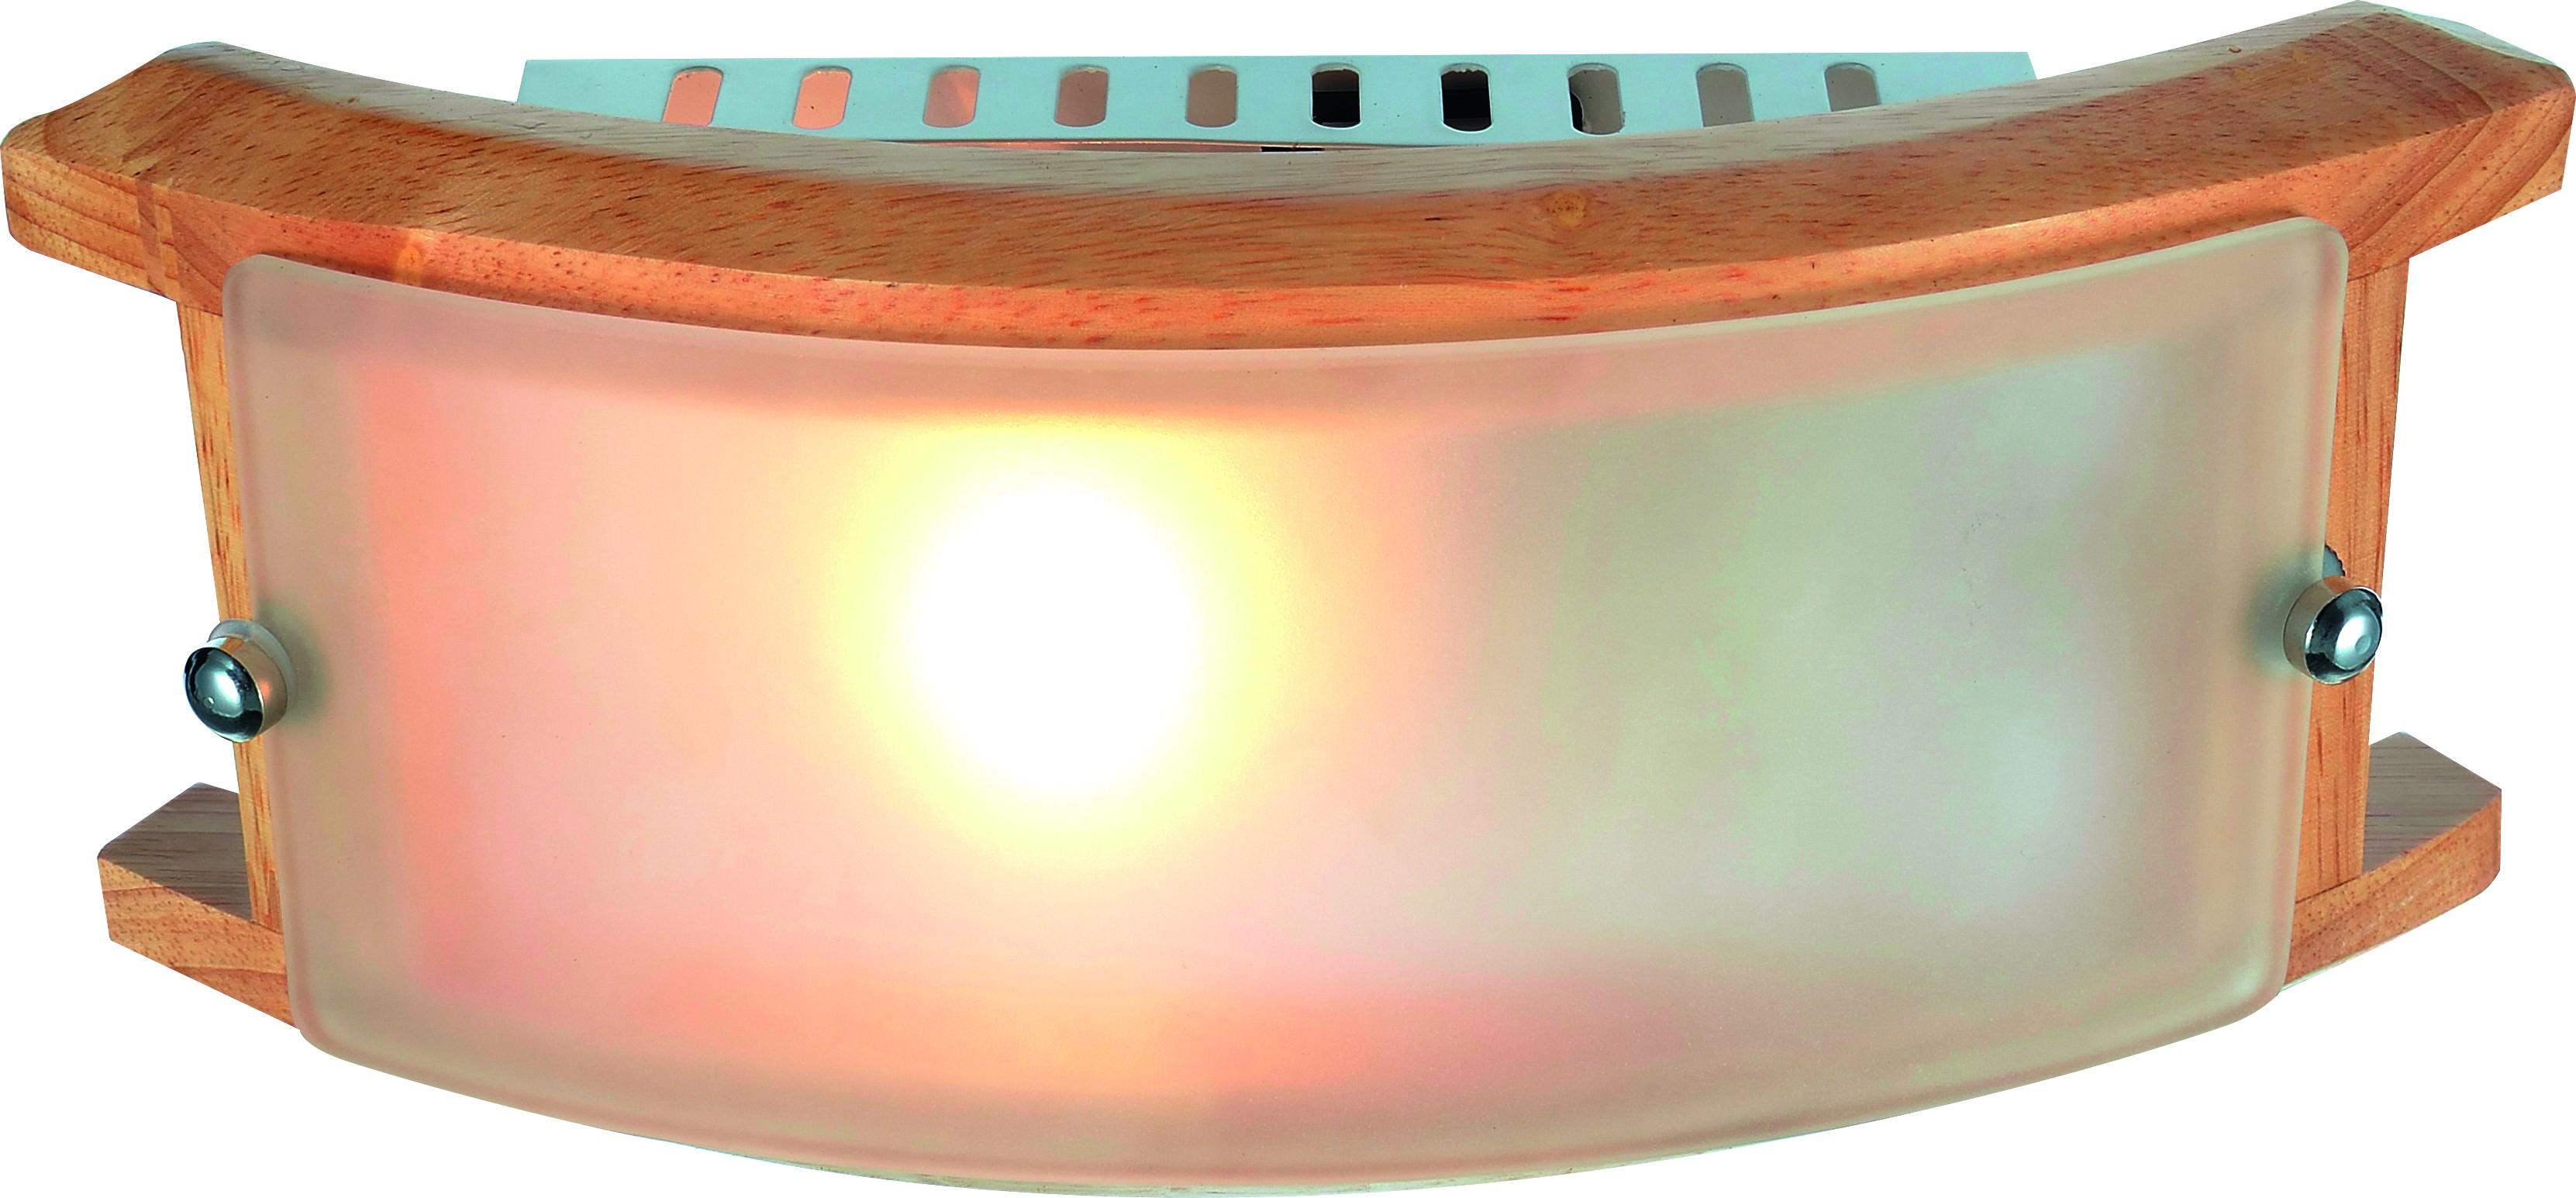 Купить Светильник настенный Arte lamp A6460ap-1br